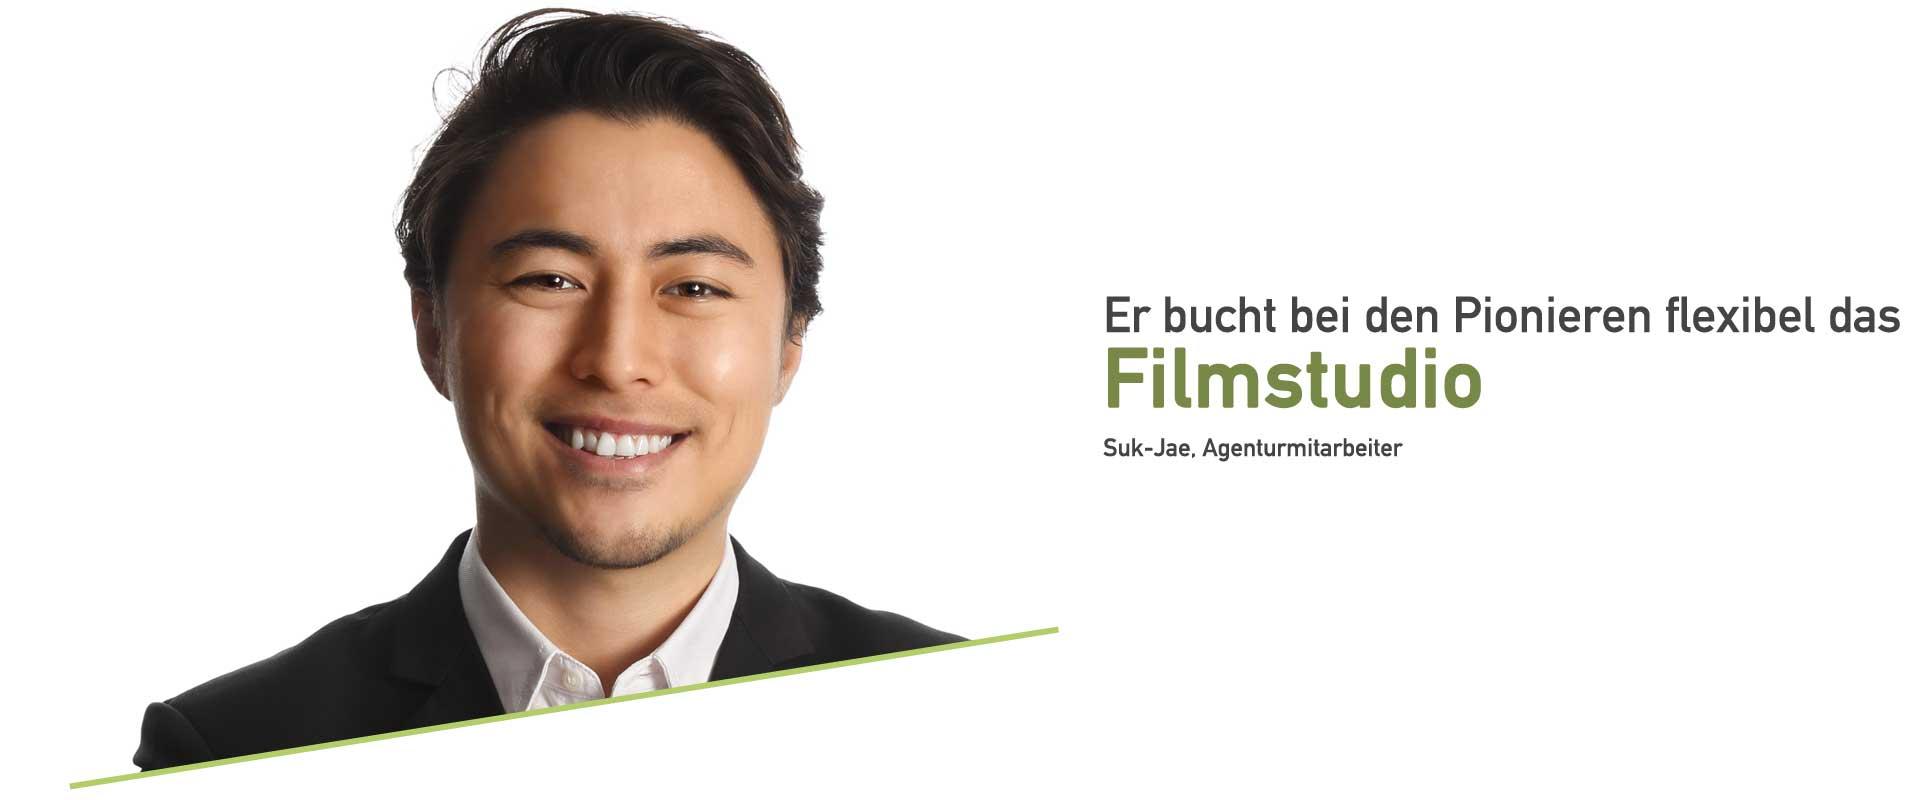 Filmstudio mieten für optimale Aufnahmen